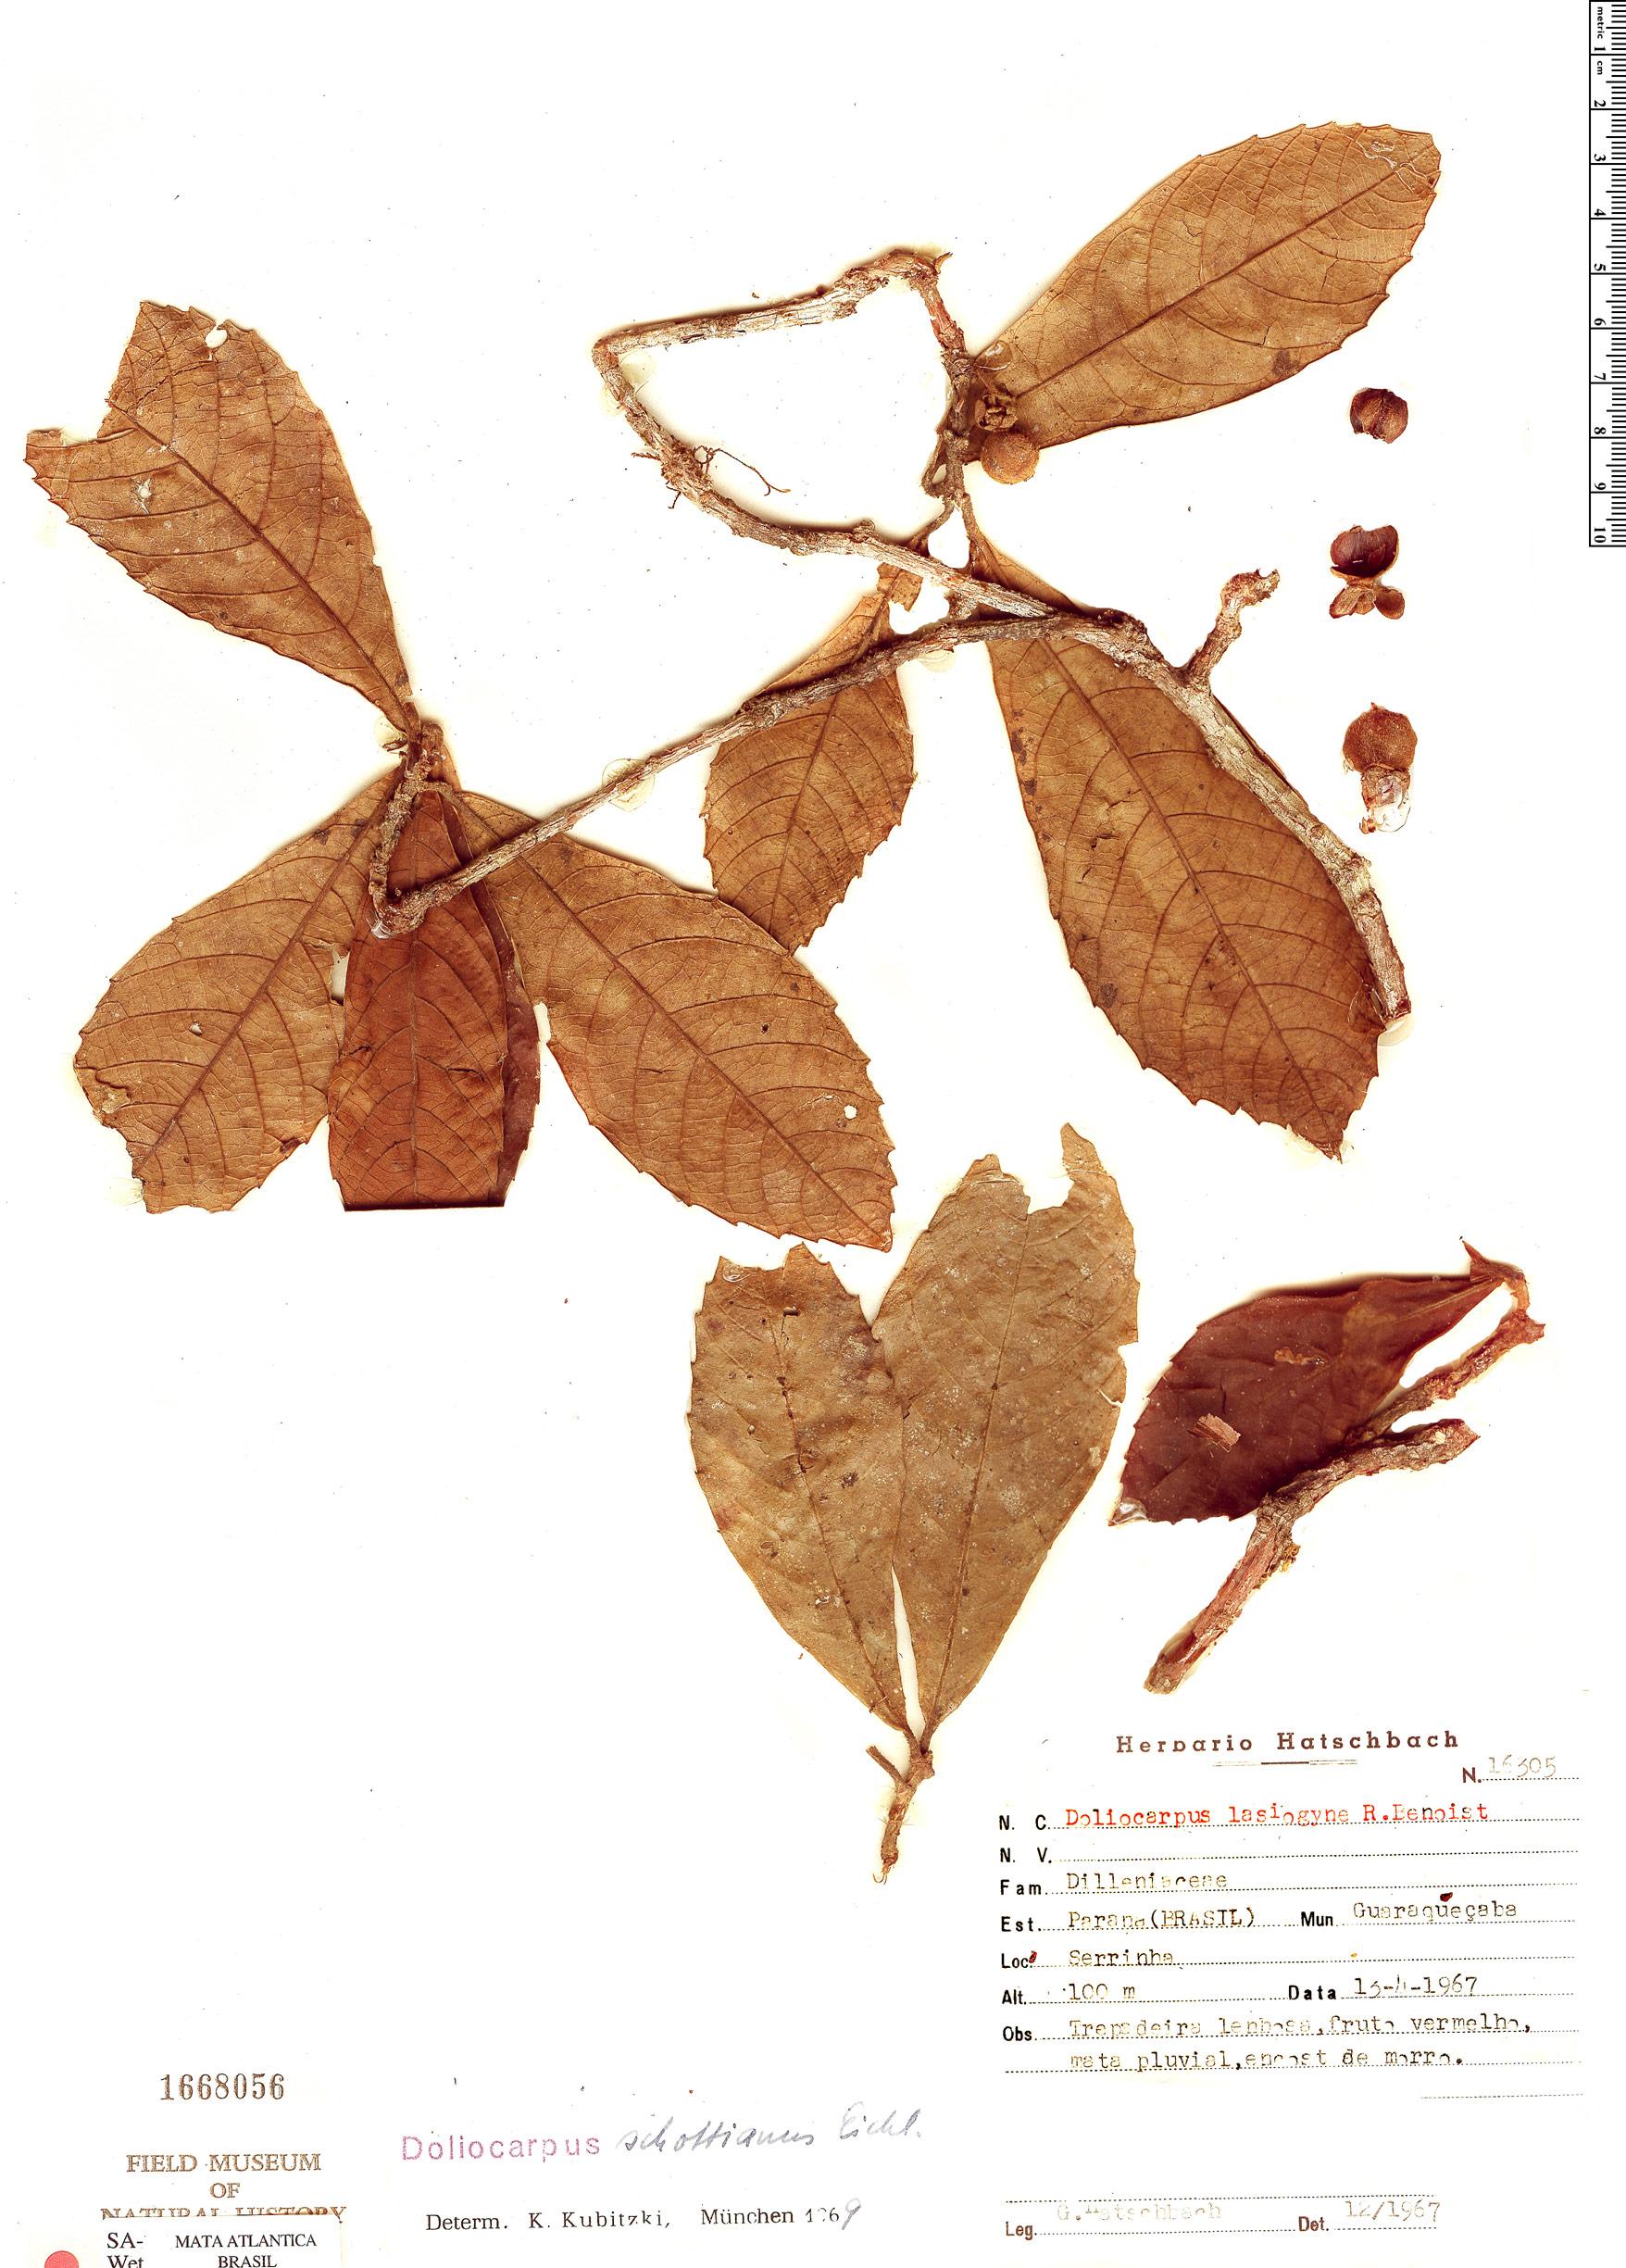 Specimen: Doliocarpus schottianus